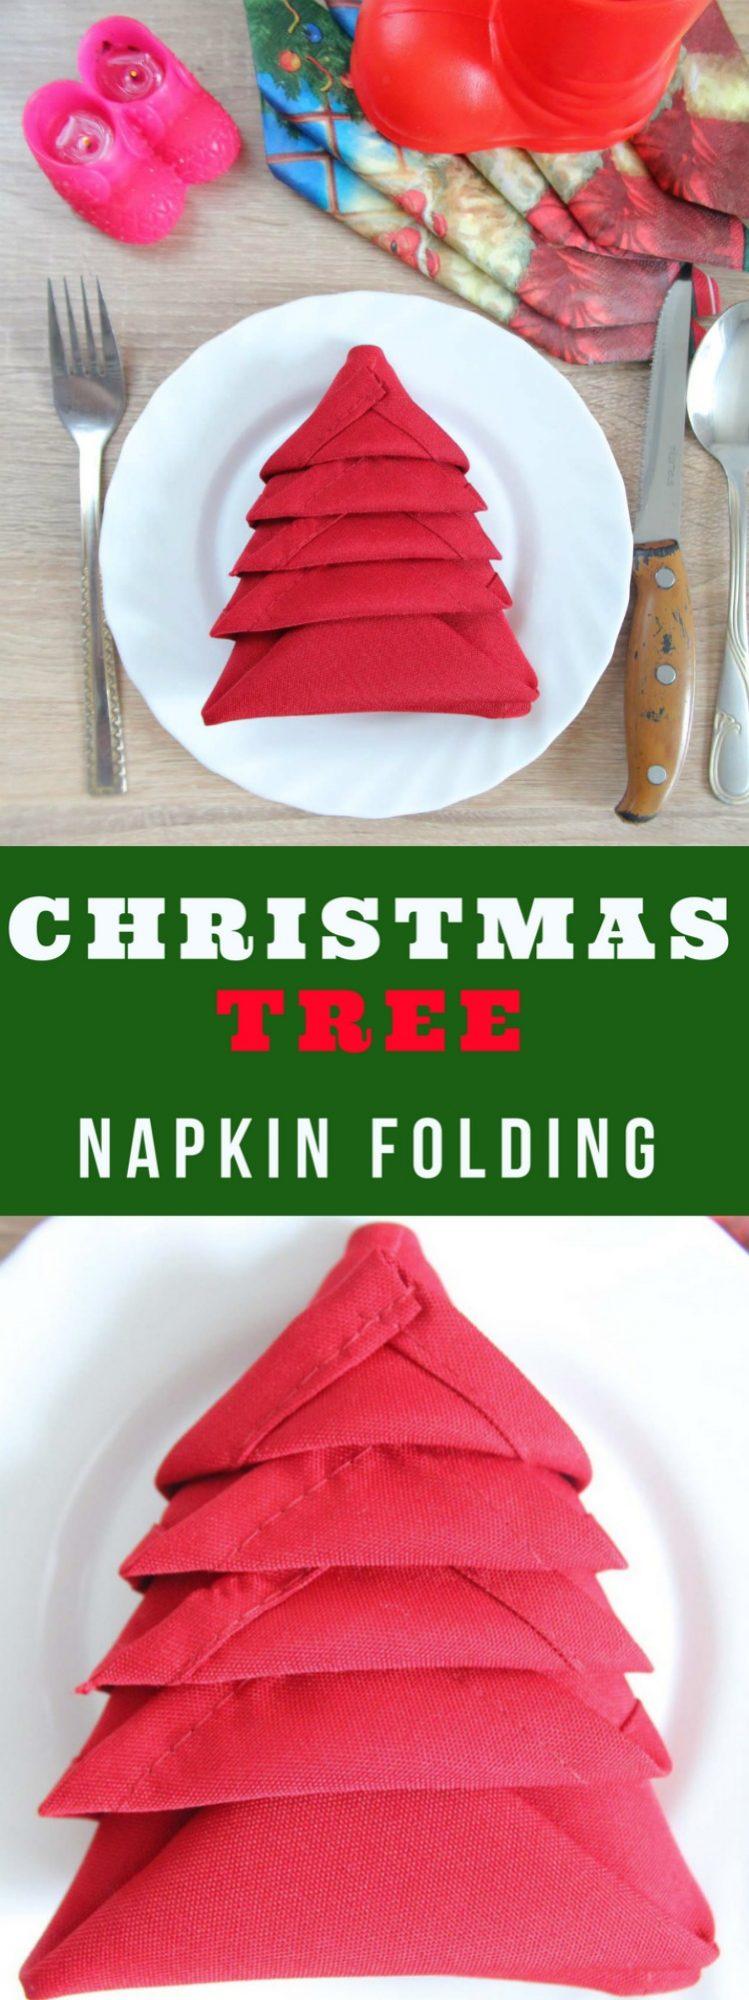 Christmas Tree Napkin Folding Two Minutes Tutorial